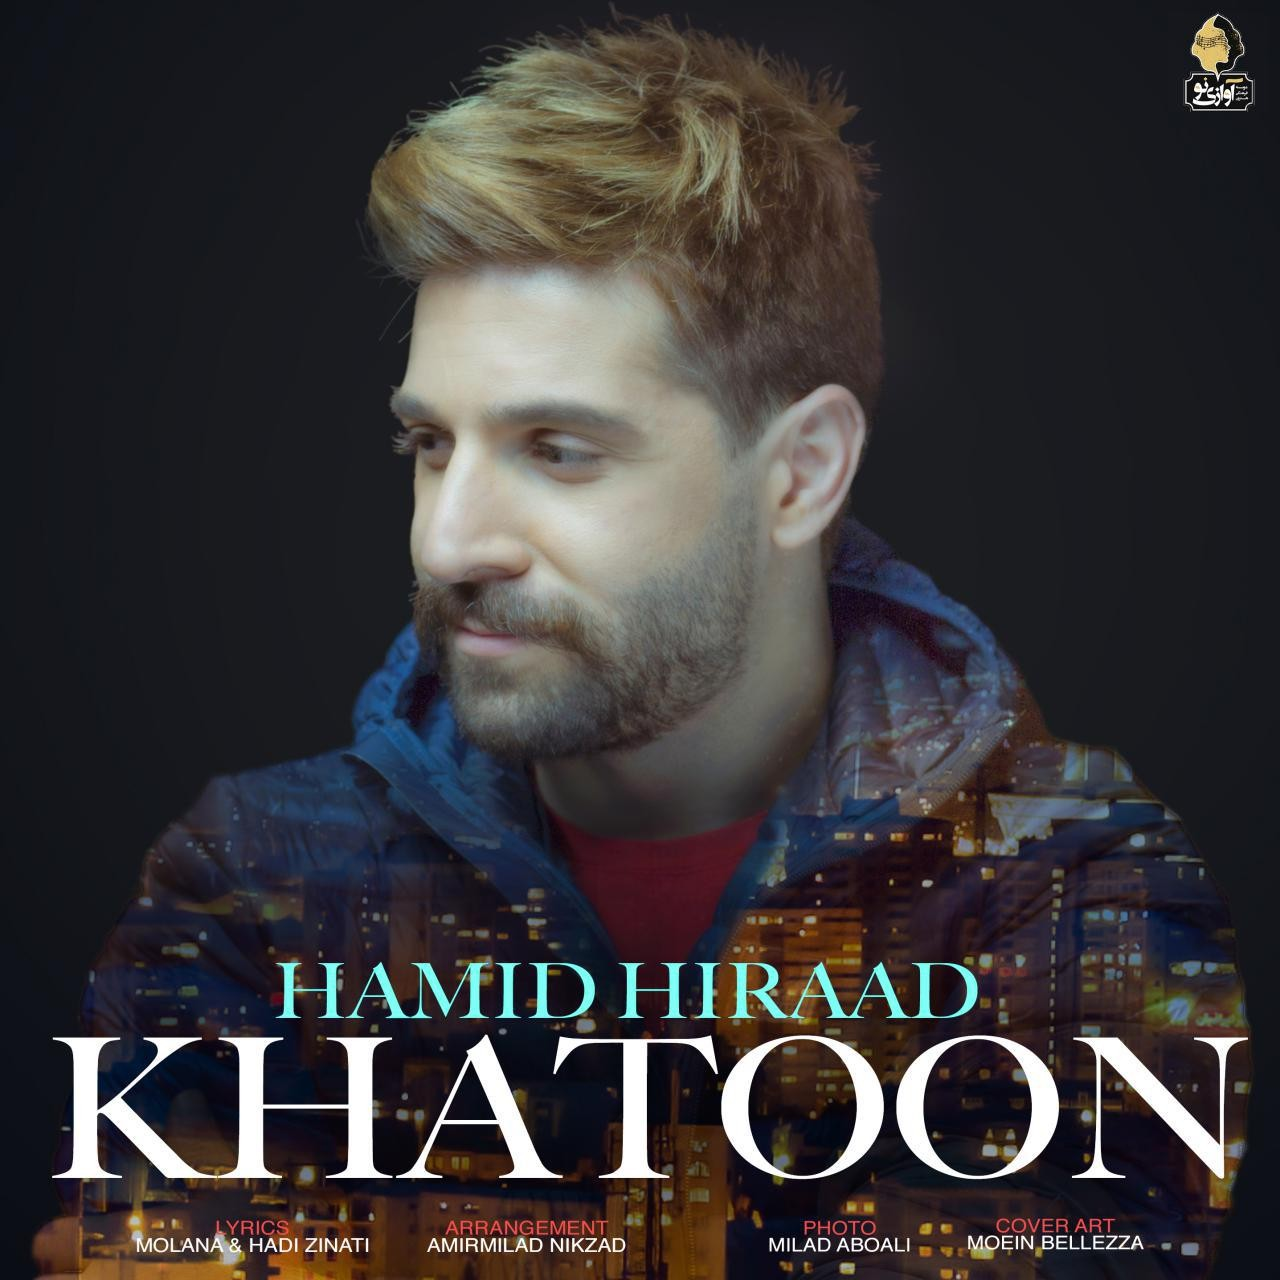 Hamid Hiraad - Khatoon